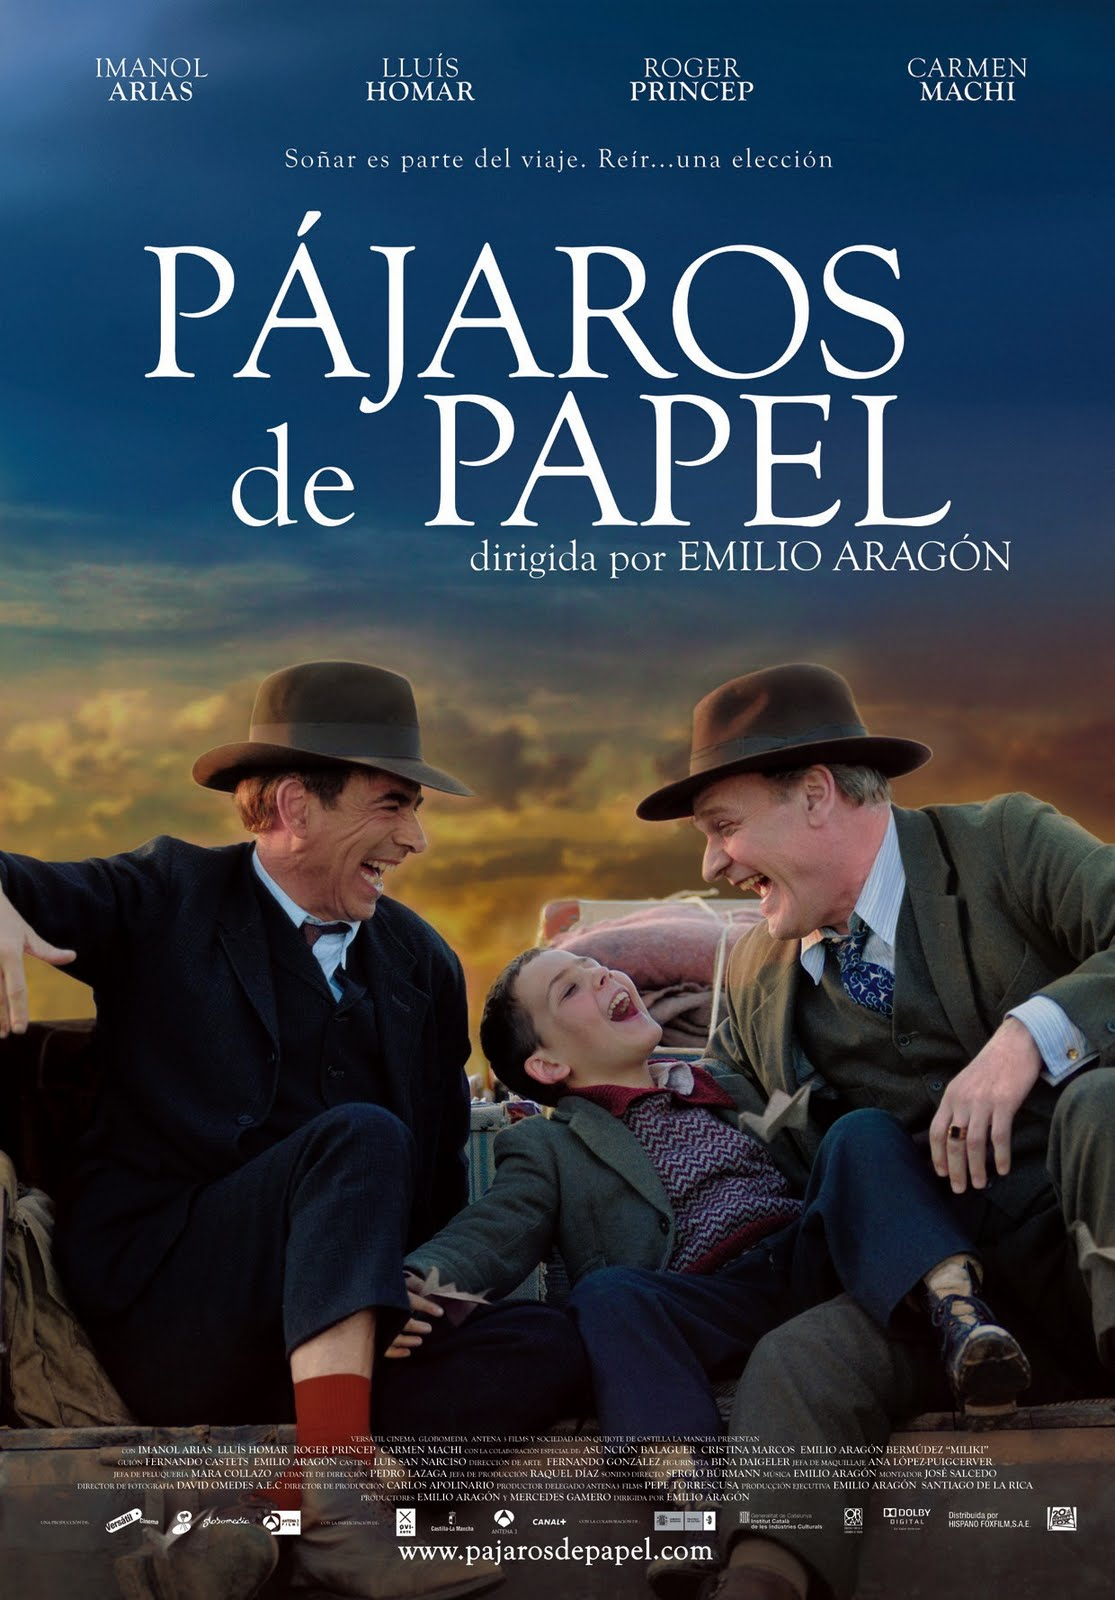 http://descubrepelis.blogspot.com/2012/11/pajaros-de-papel.html